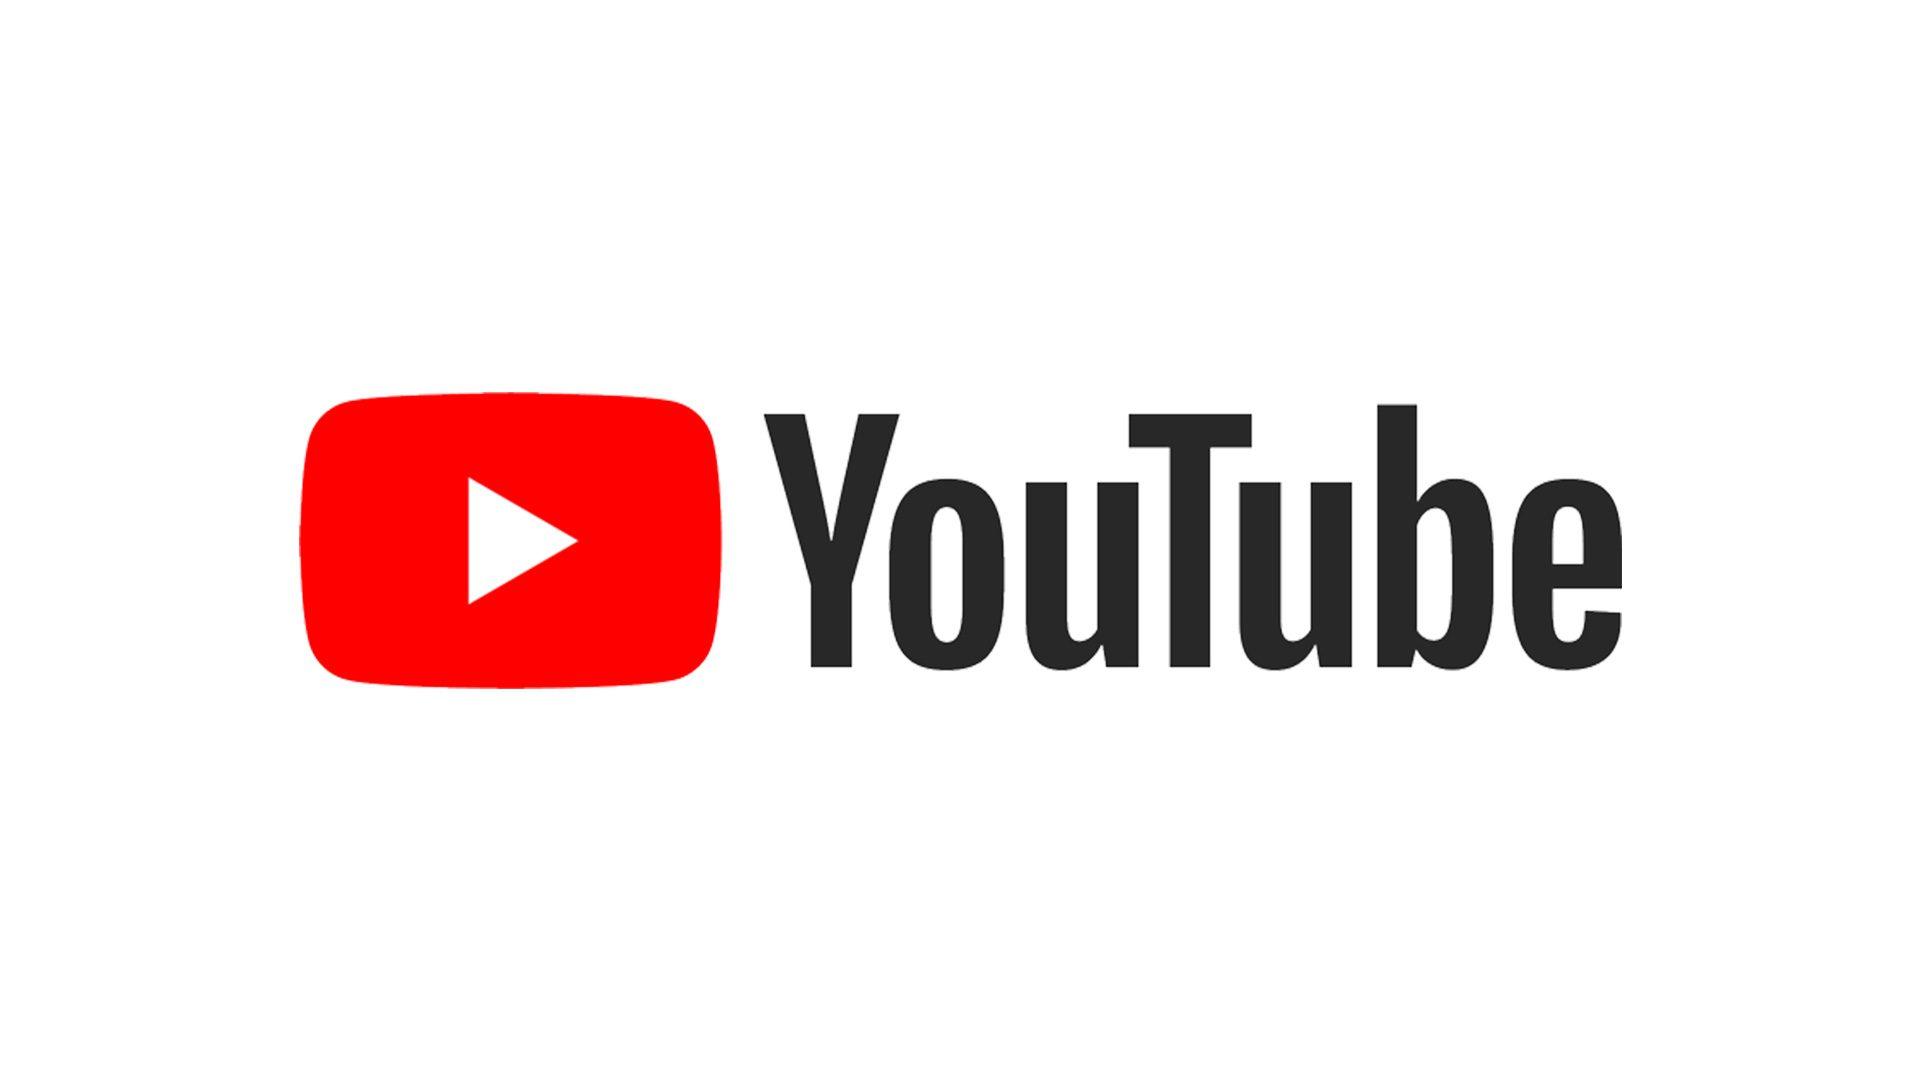 YouTubeチャンネルならGIVへ!